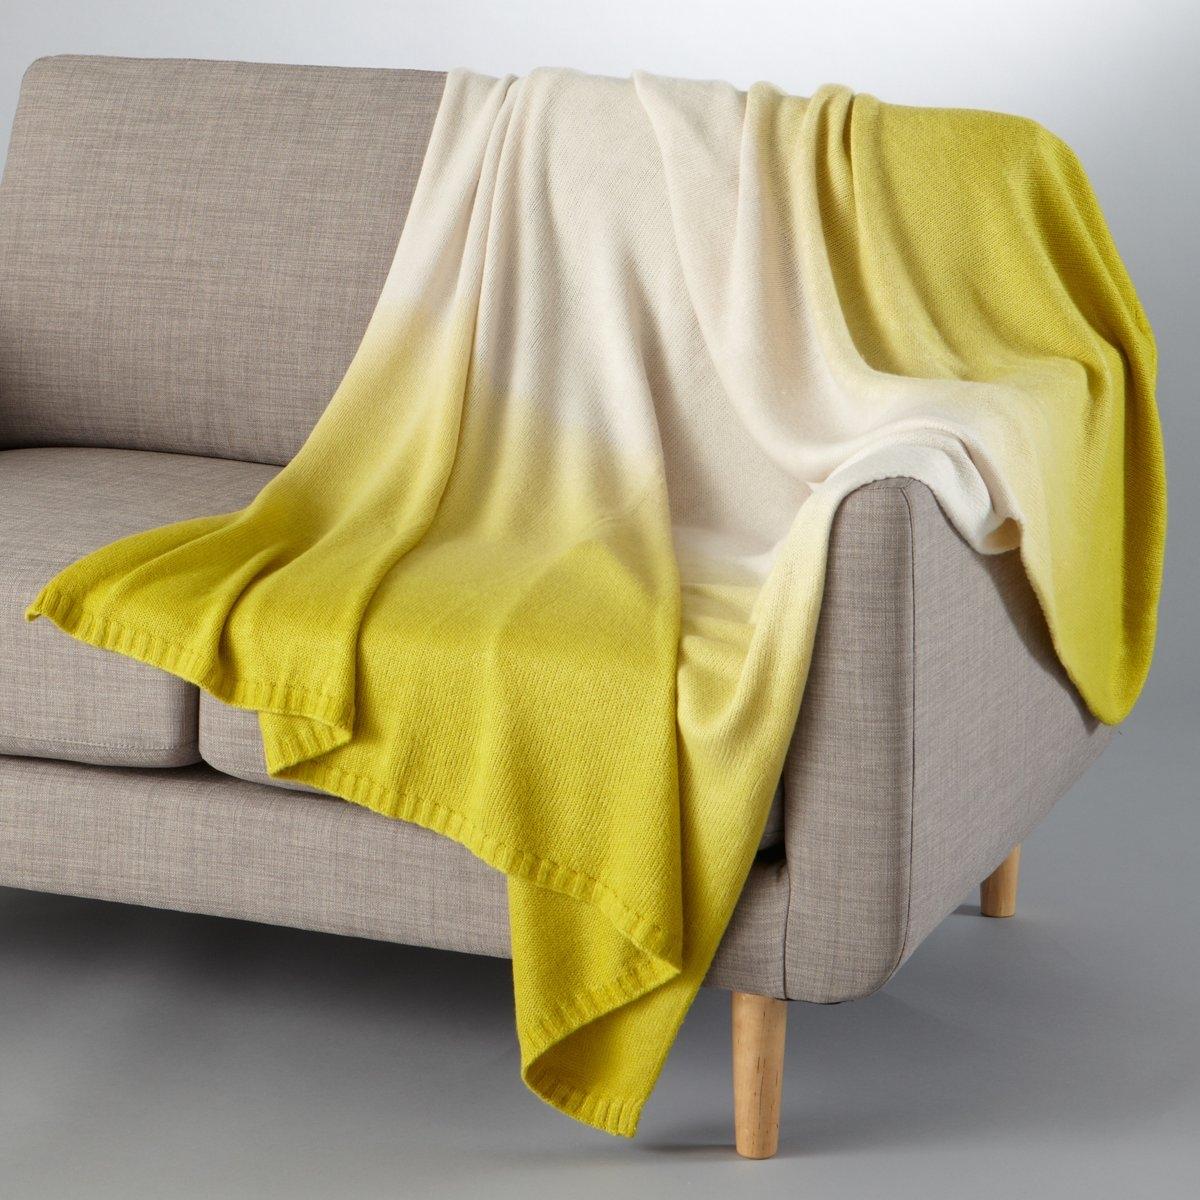 Плед с эффектом деградеПлед Армис. Красивый эффект деграде и мягкий материал из 100% акрила, 600 г/м?. Края связаны в рубчик по ширине. Размер: 130 х 170 см. Стирка при 30°.<br><br>Цвет: зелено-желтый/серо-бежевый,темно-серый/серый